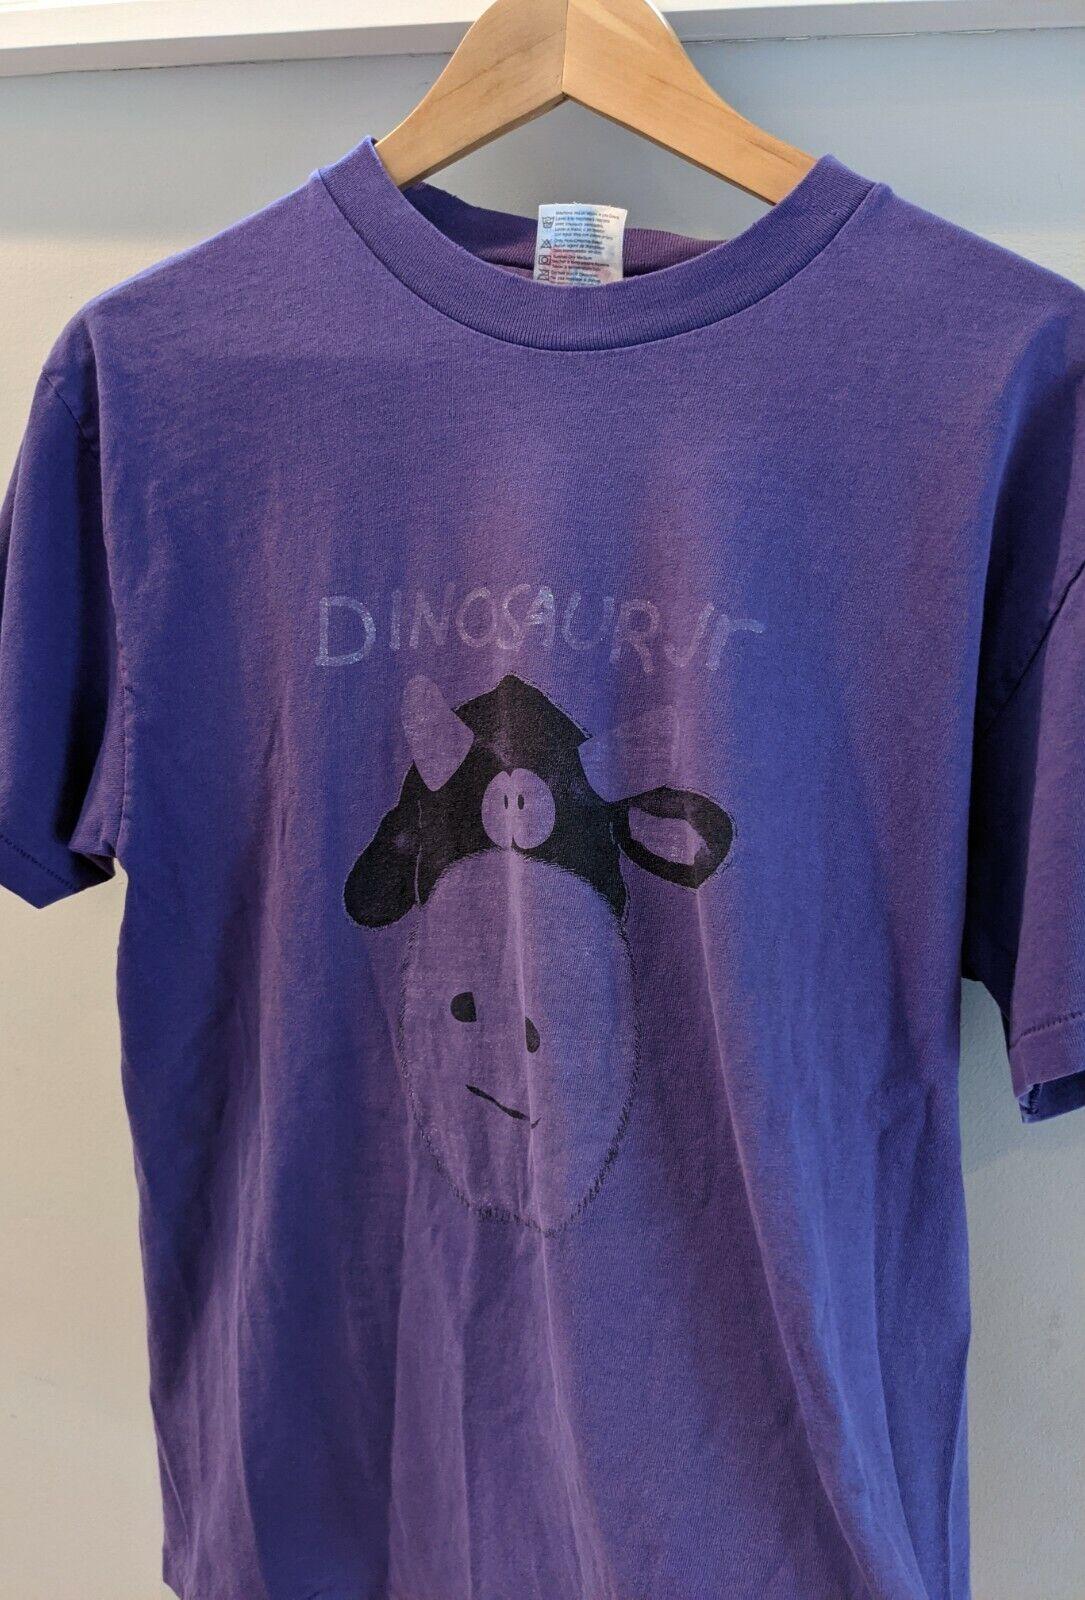 Vintage Dinosaur Jr T-Shirt 1990's Purple Cow Rar… - image 1